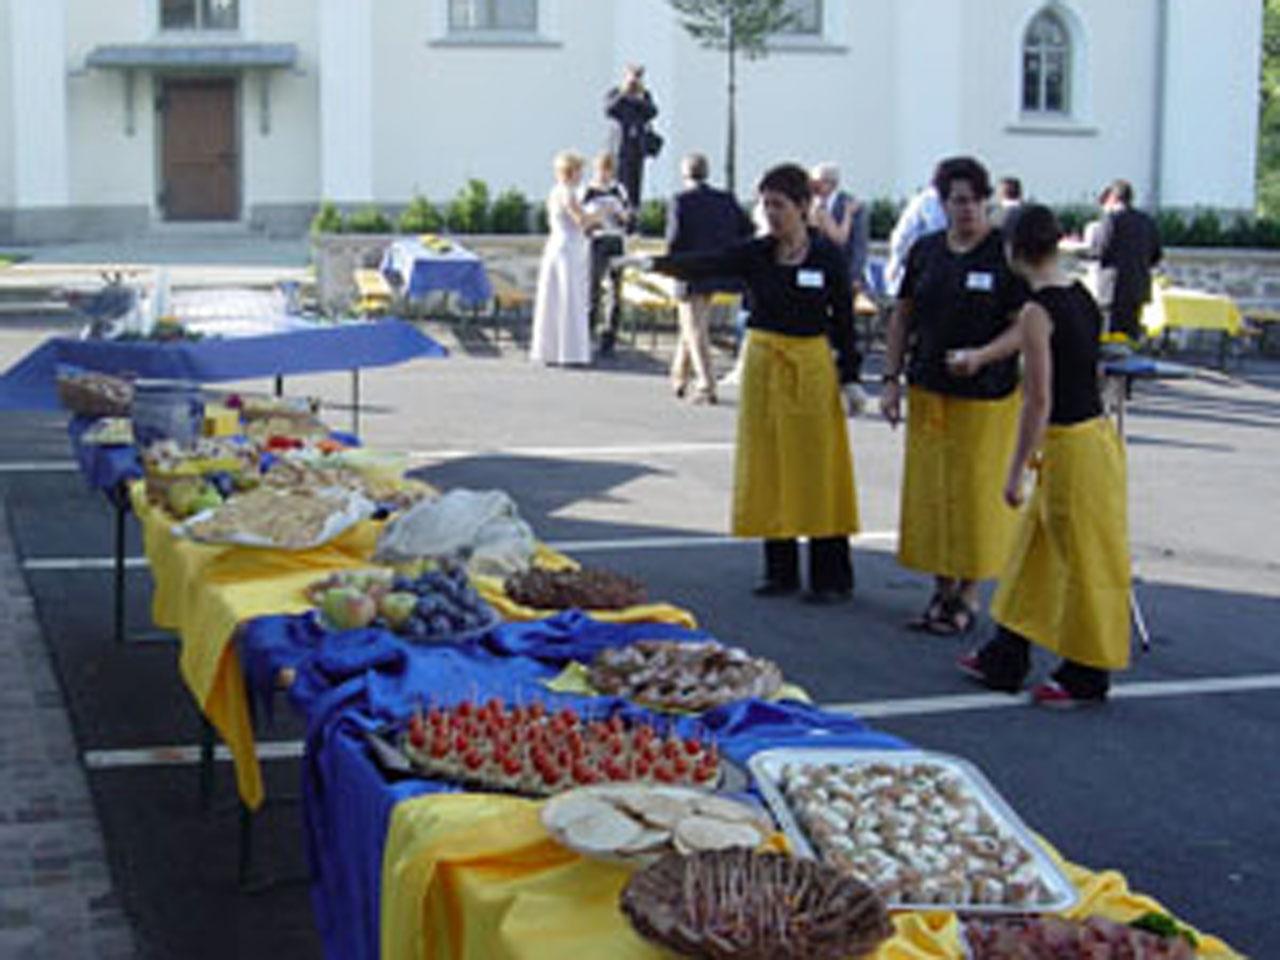 2001 – Die Apéro-Chuchi wird als eigenständiger Verein gegründet.